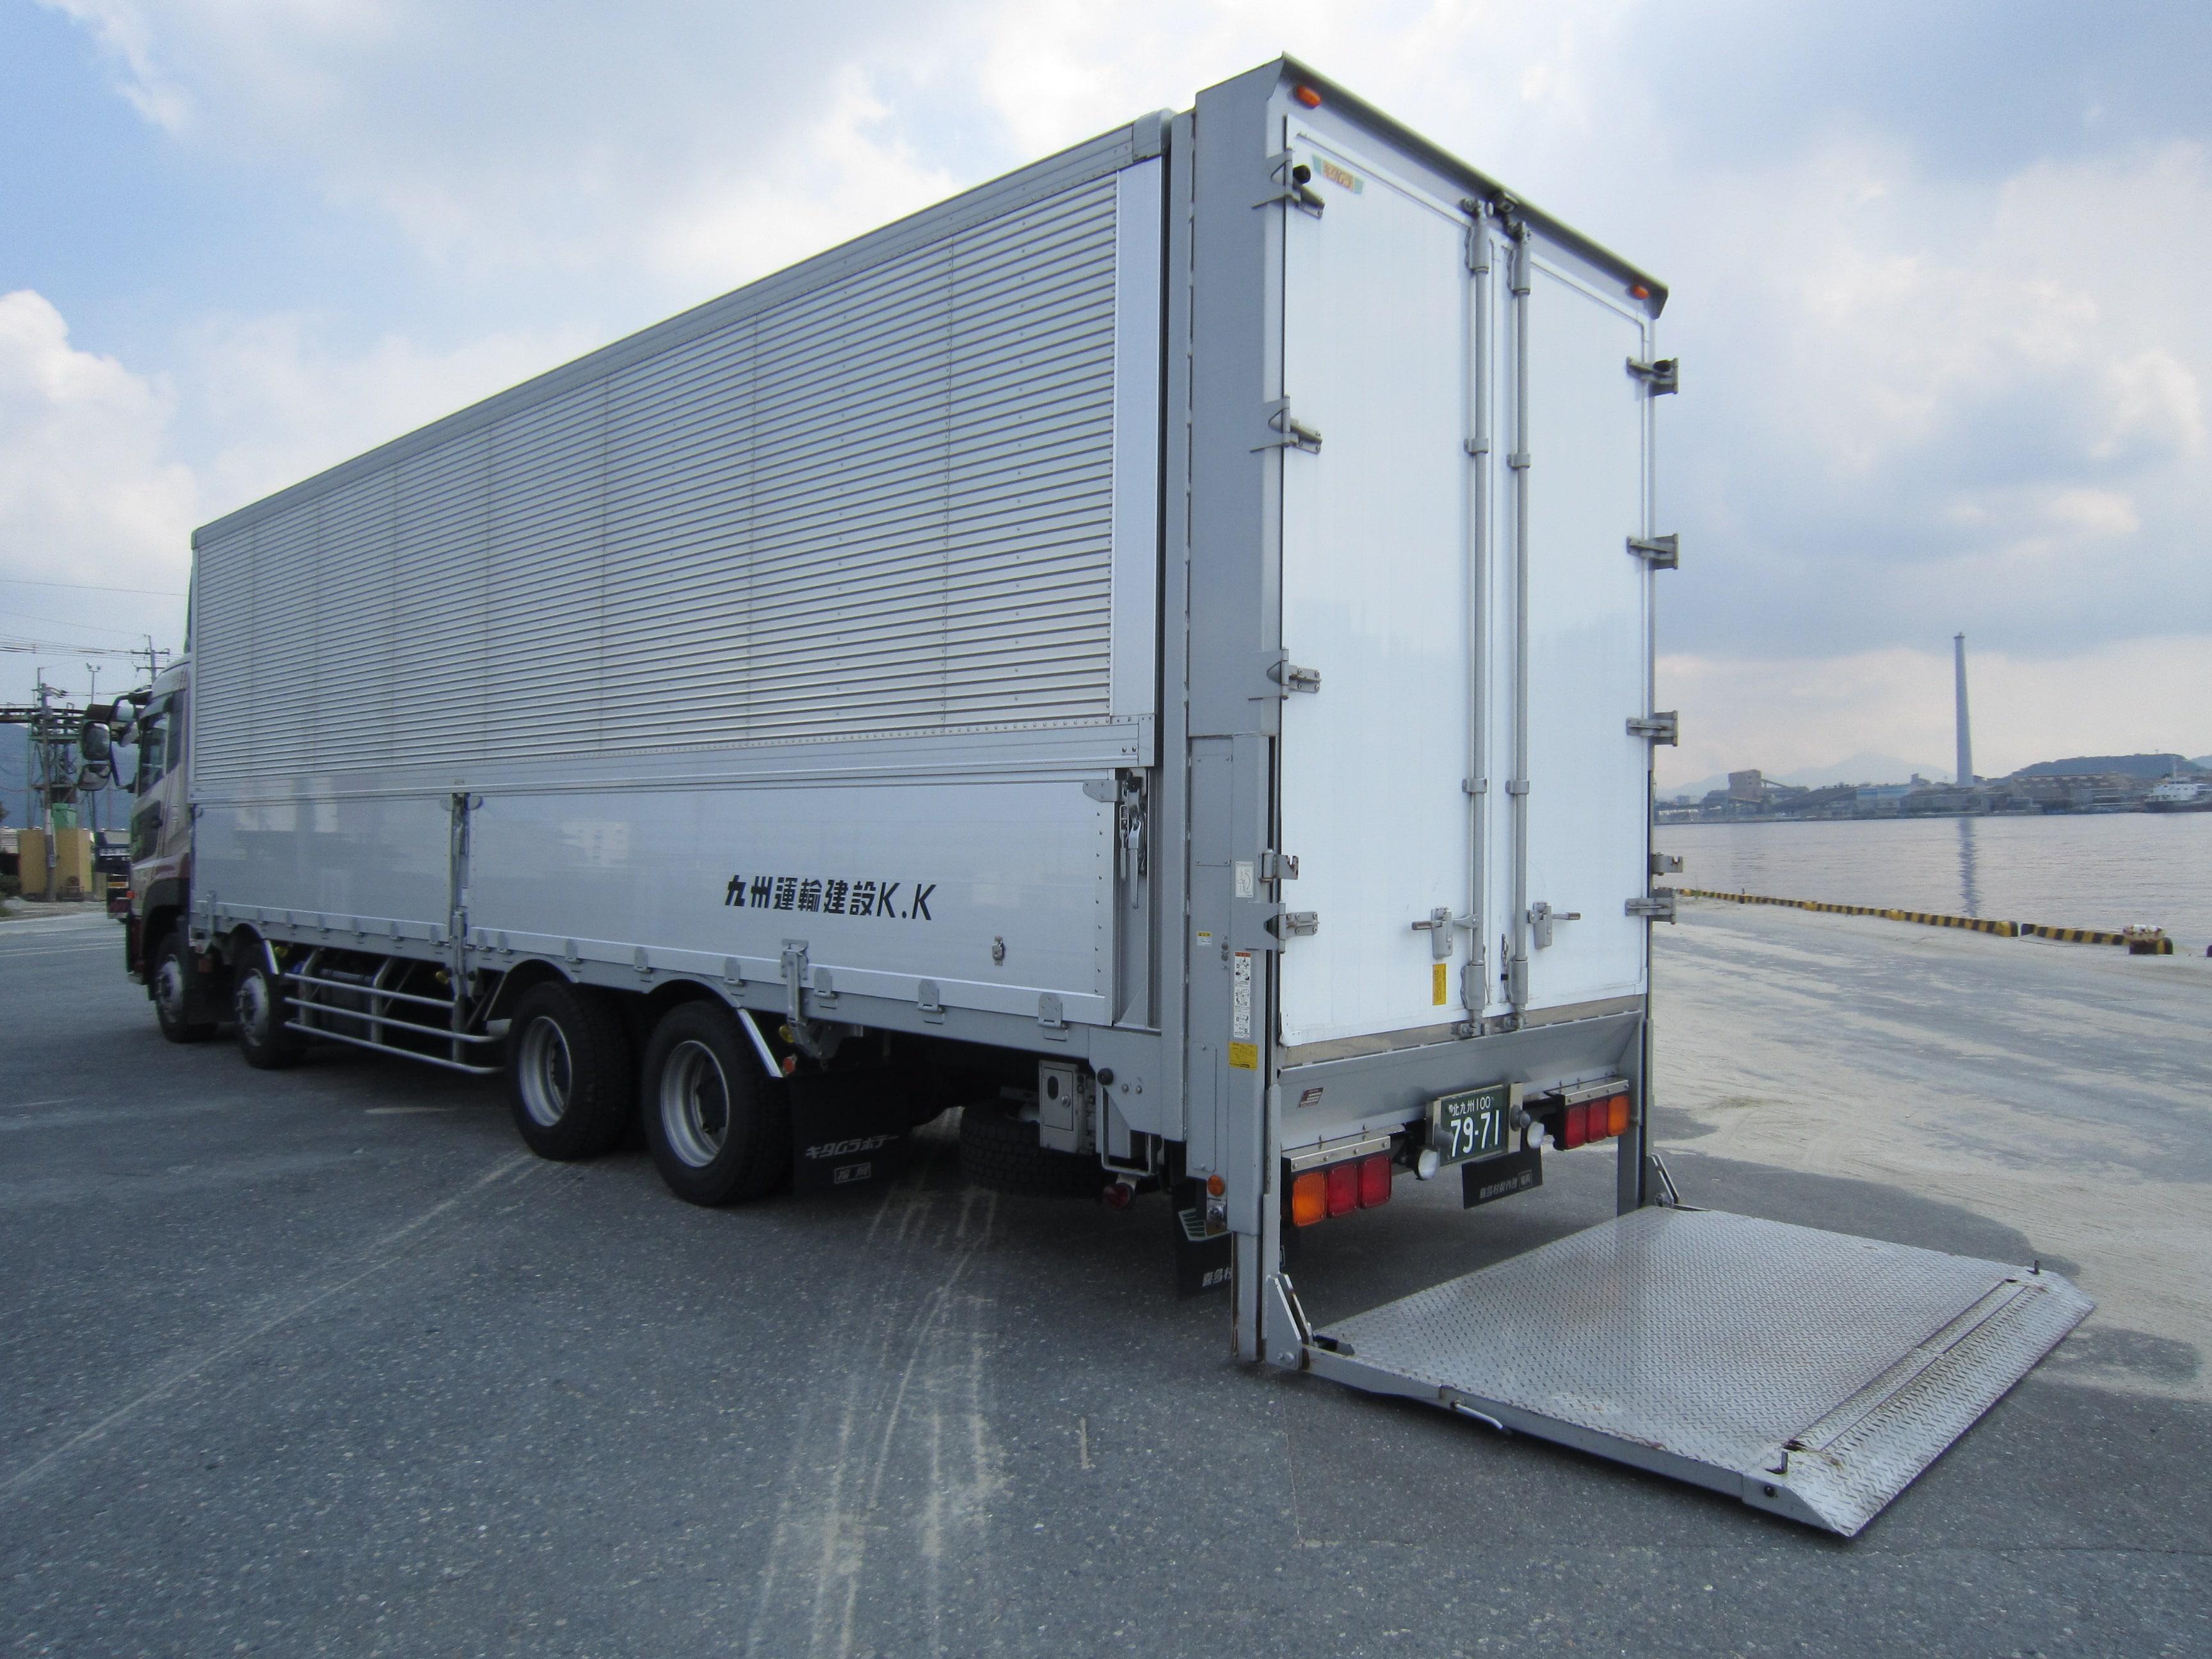 大型ウイング|産業廃棄物収集運搬|九州運輸建設株式会社|北九州市